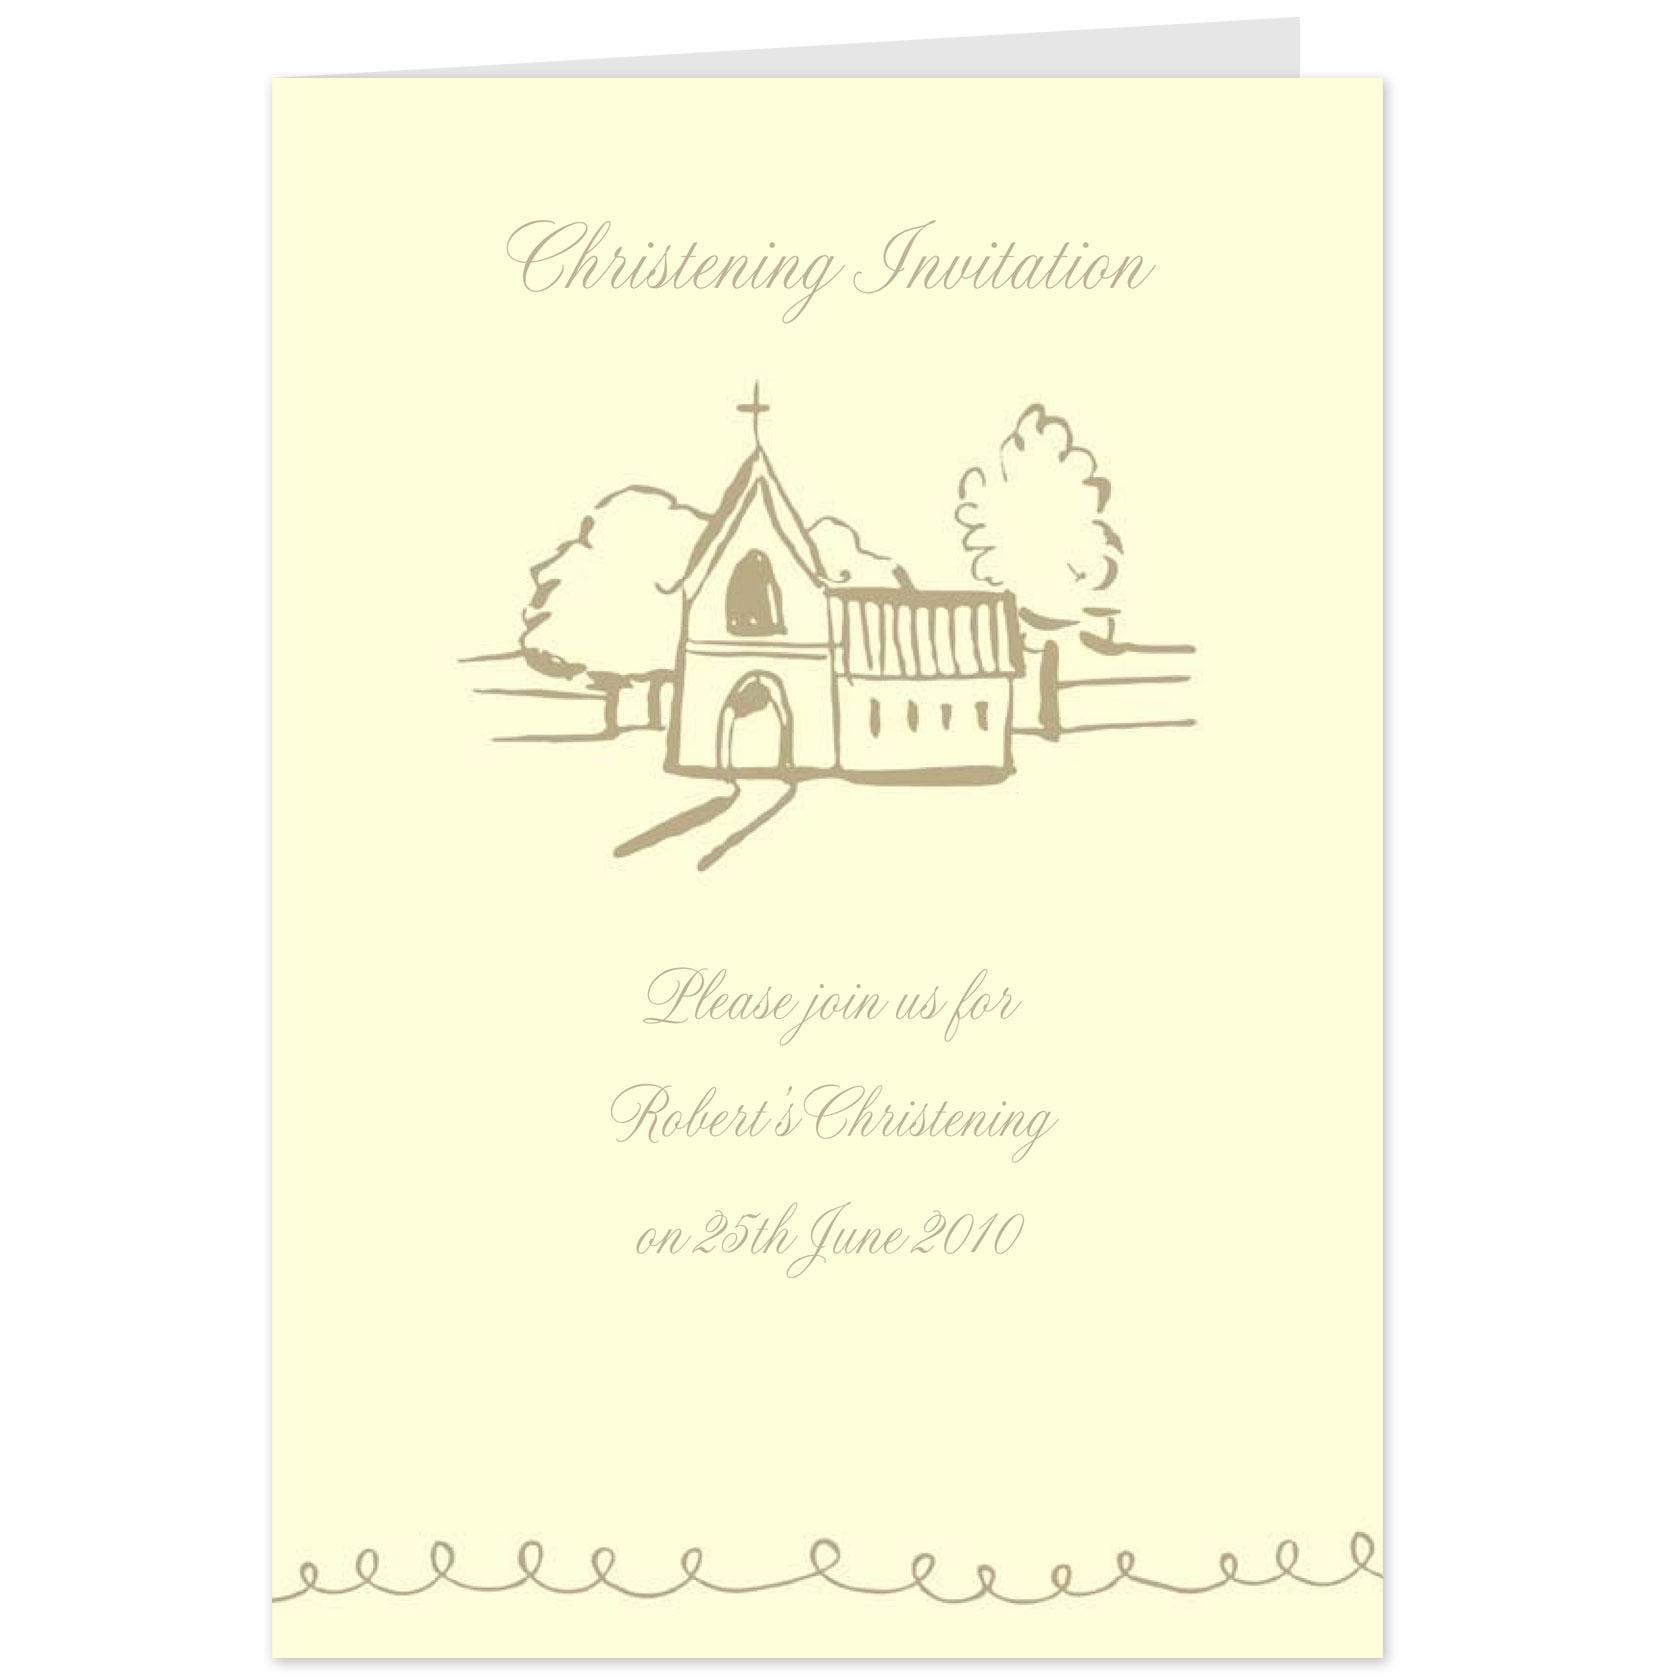 Hallmark Christening Invitation Cards